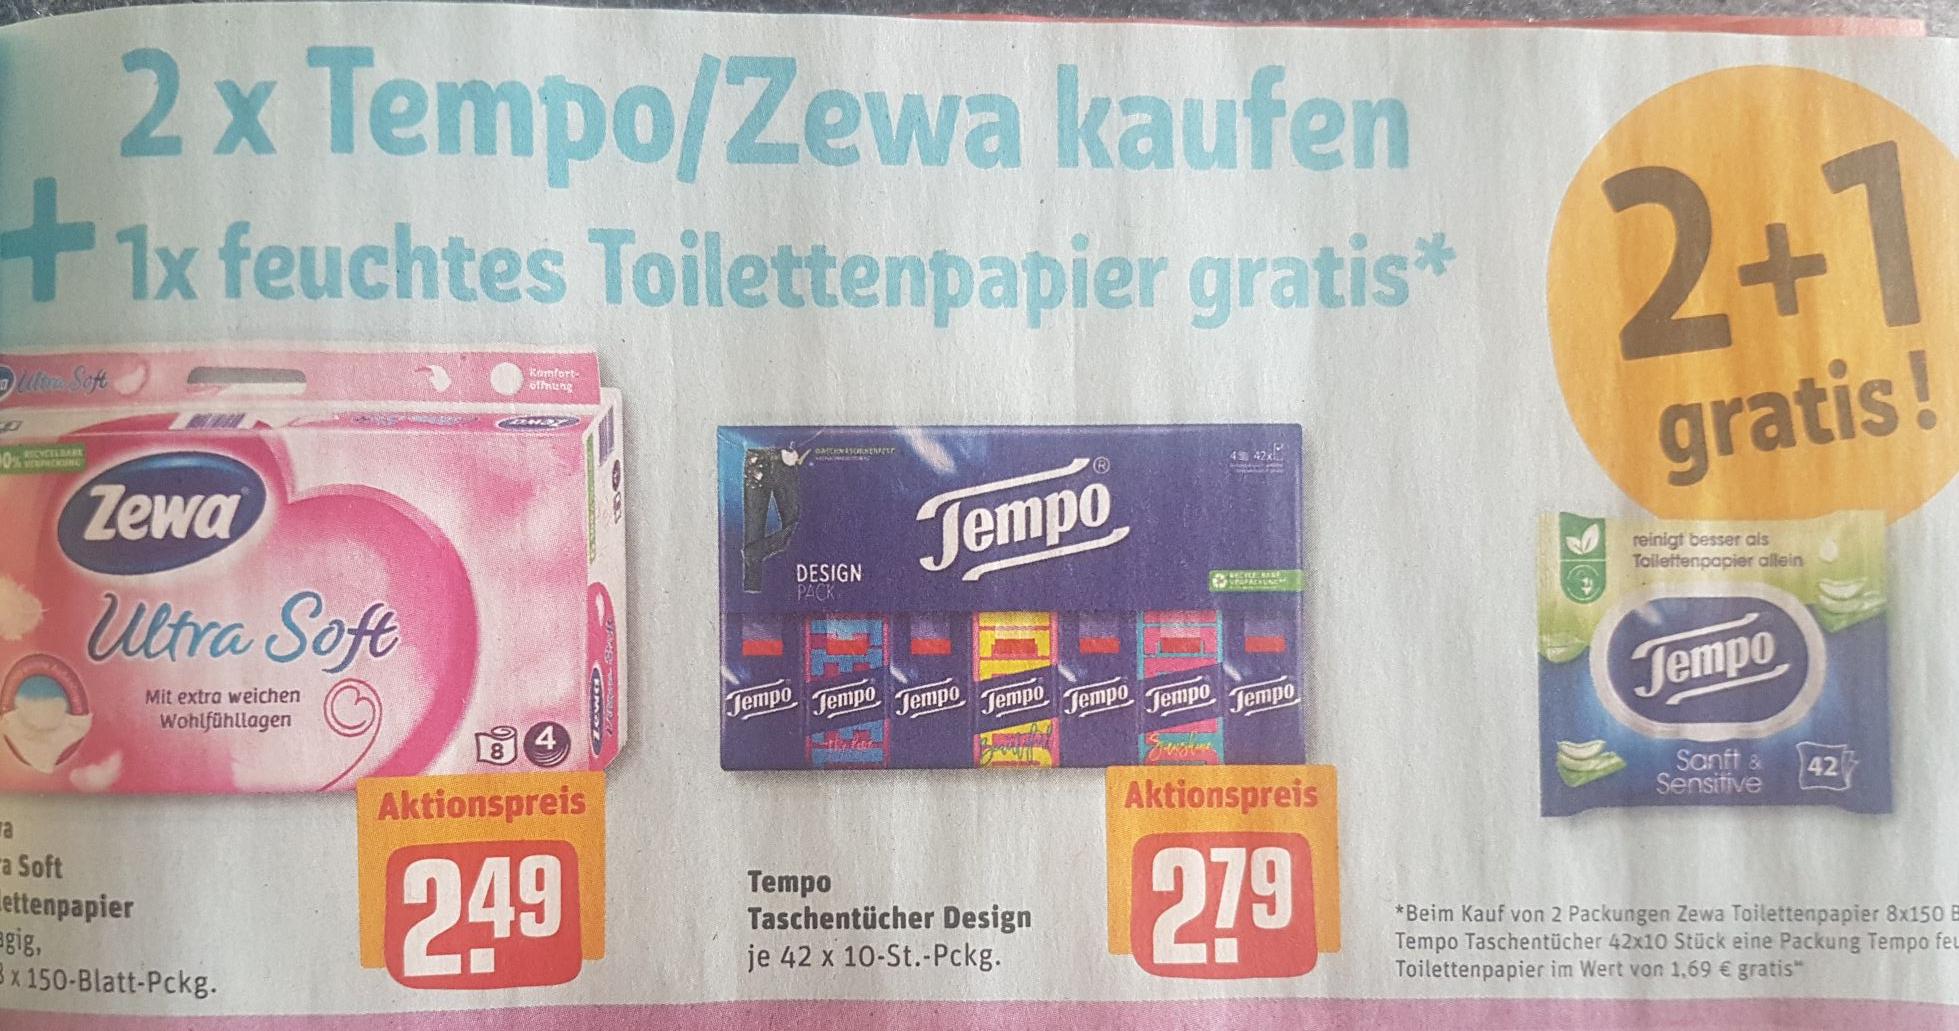 [REWE] 1x Feuchtes Toilettenpapier gratis beim Kauf von 2 Zewa/Tempoprodukten